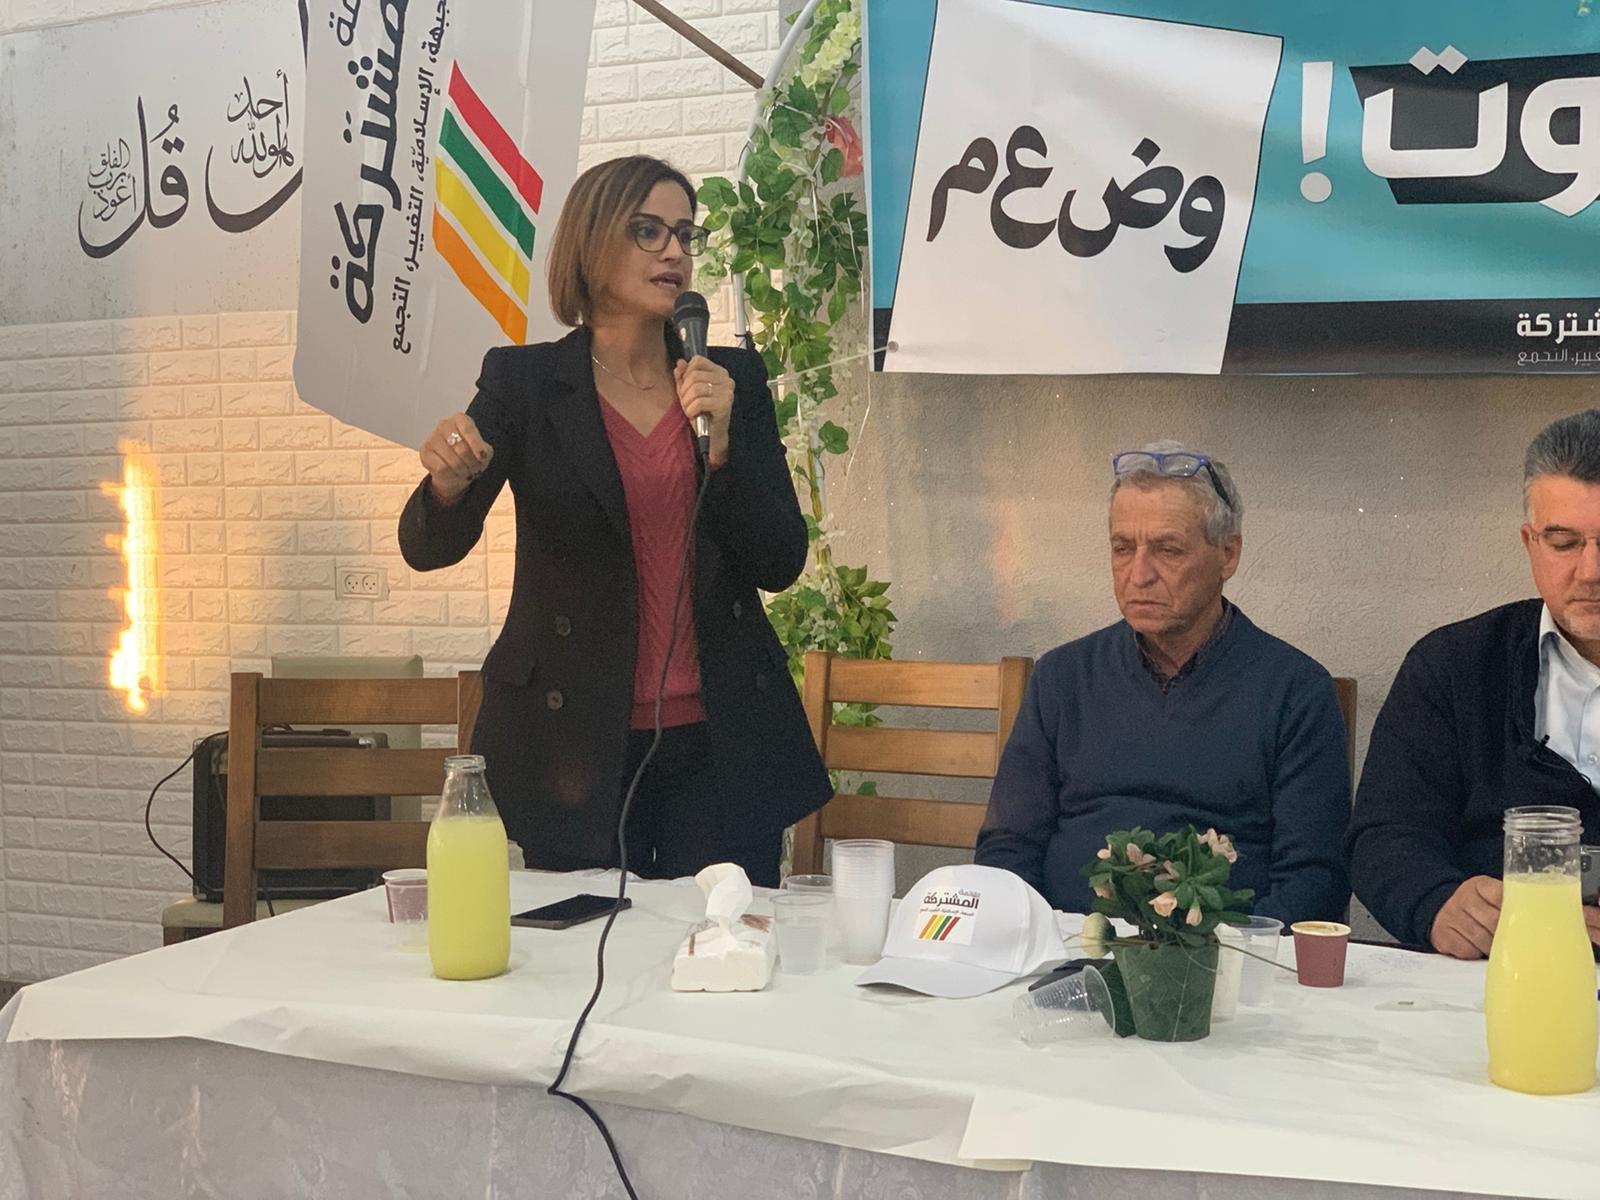 امّ الفحم: القائمة المشتركة تطلق حملتها الانتخابية بمشاركة جبارين ويزبك وطه والطيبي